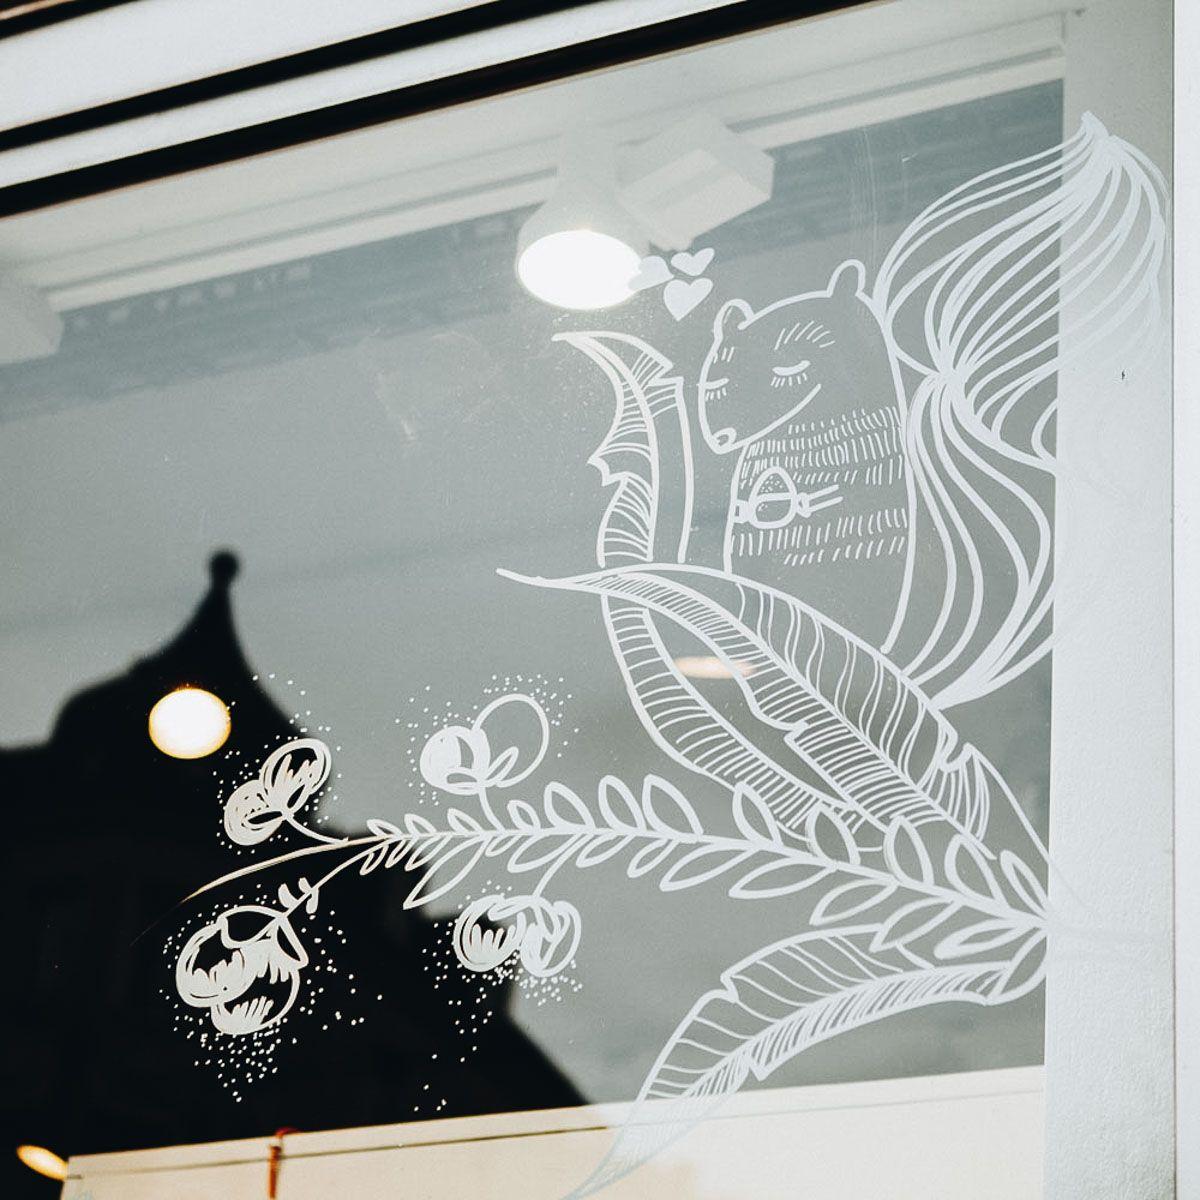 Bildergebnis für katharina konte | Grafik, Fenster kunst